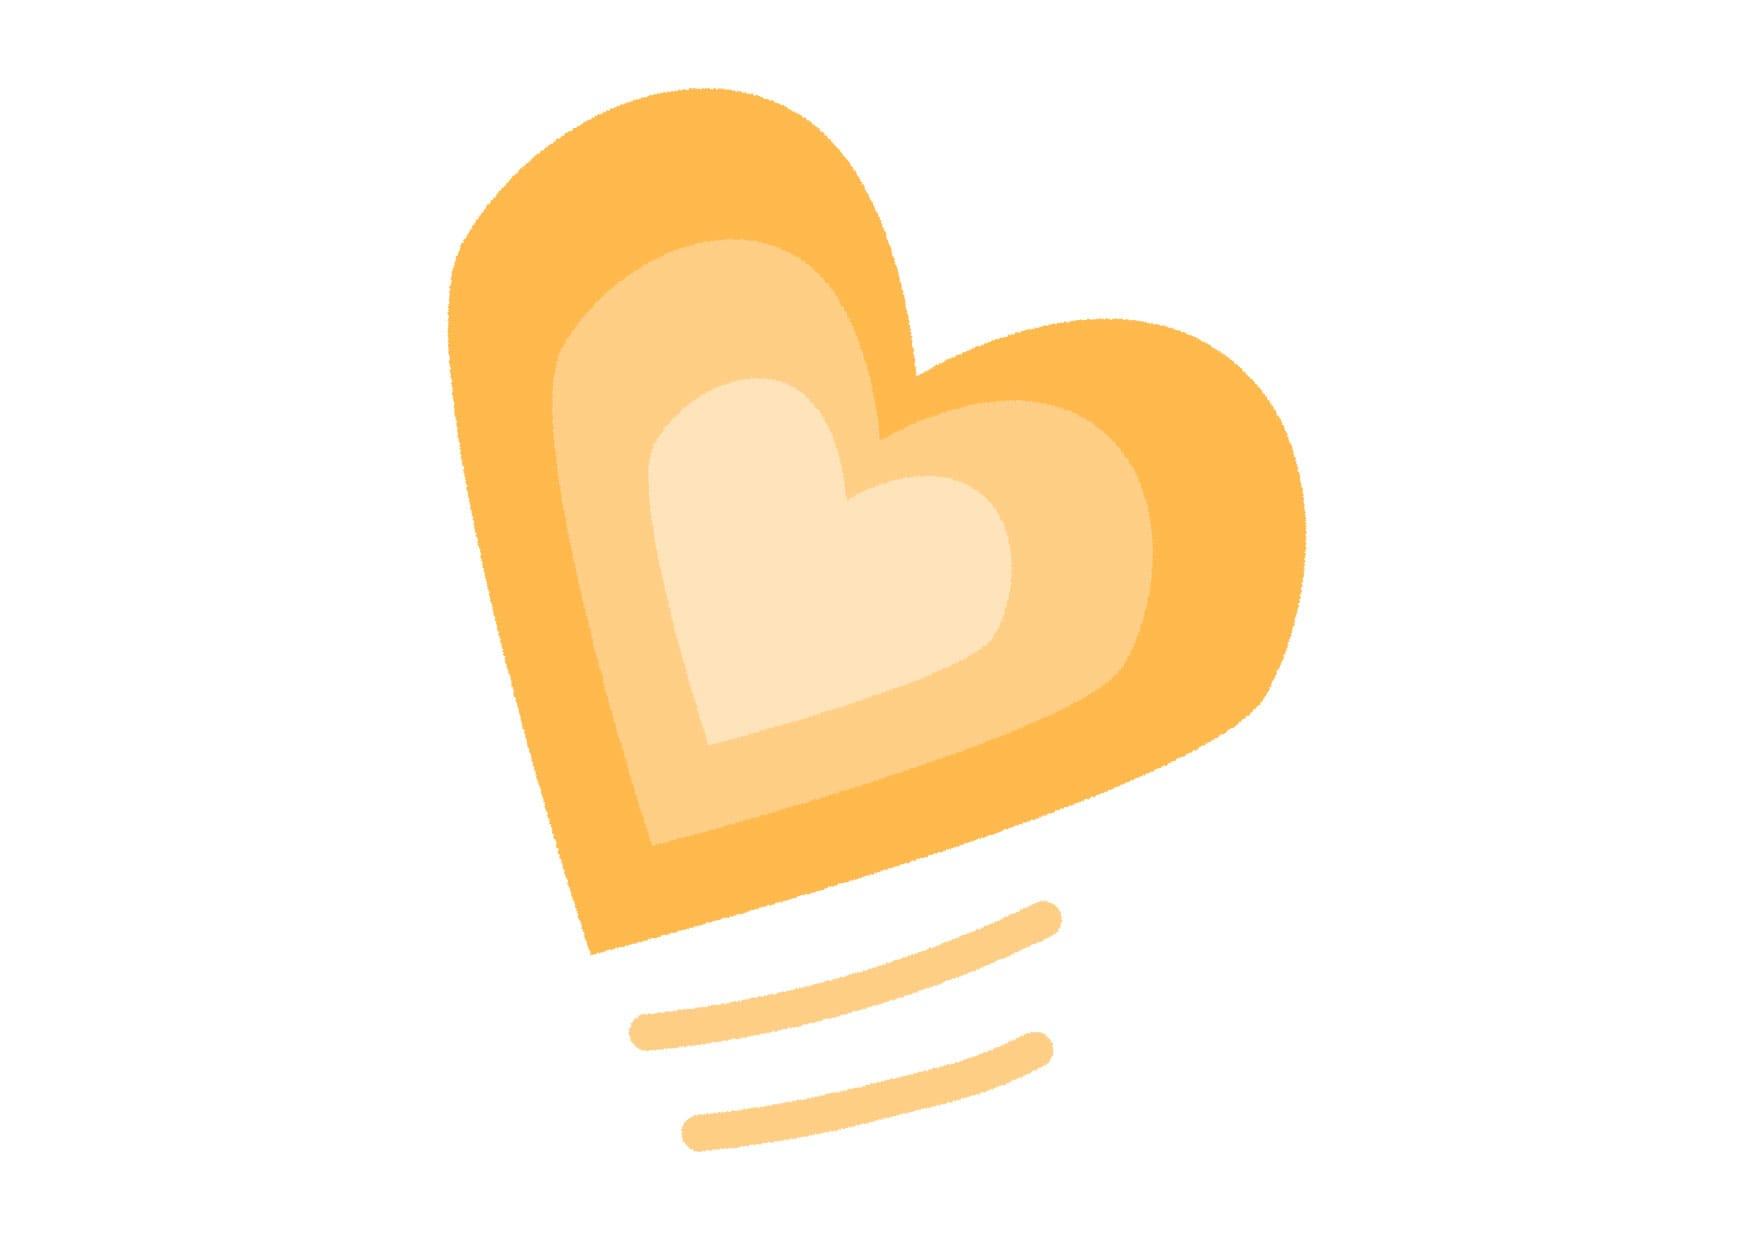 グラデーション ハート 黄色 イラスト 無料